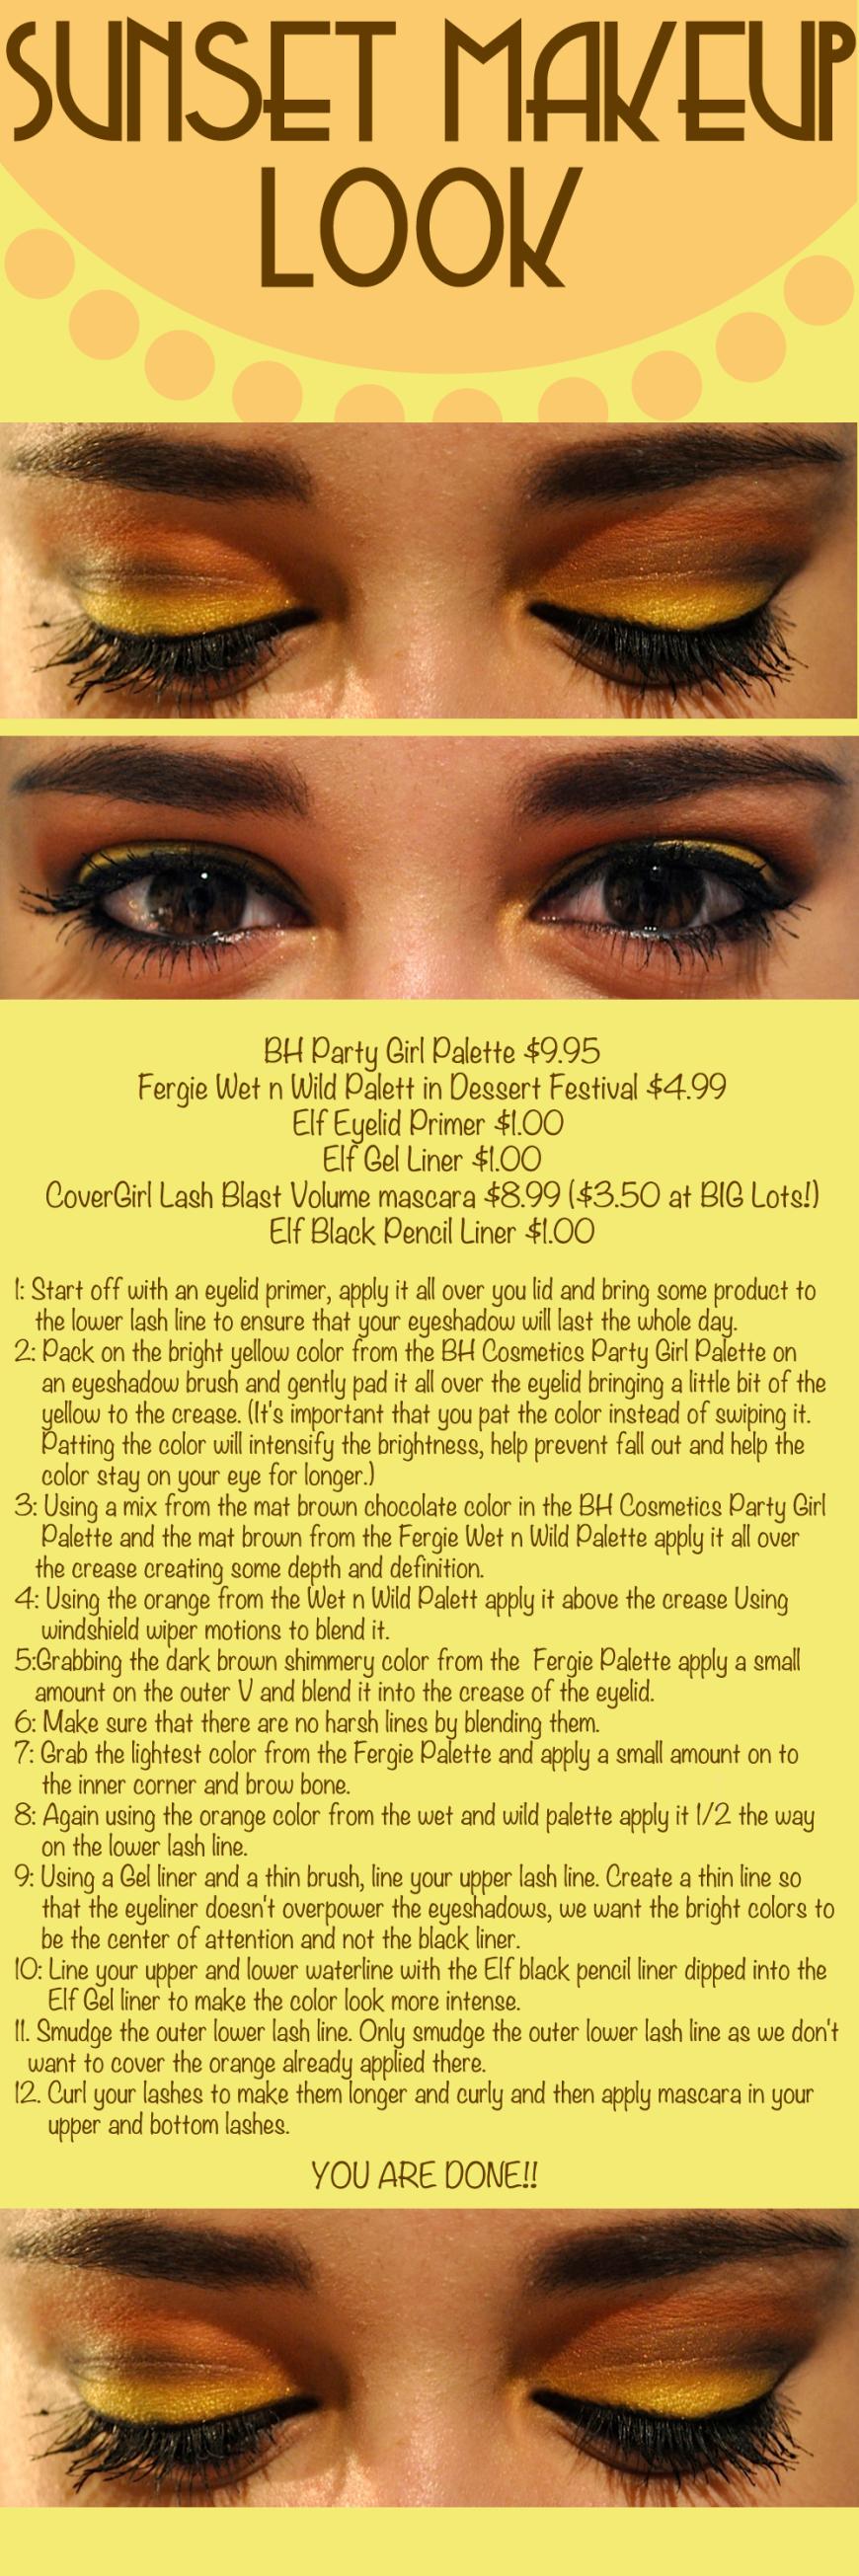 Sunset Makeup Look - DIY - Step by Step - BH - Wet N' Wild - Makeup Look